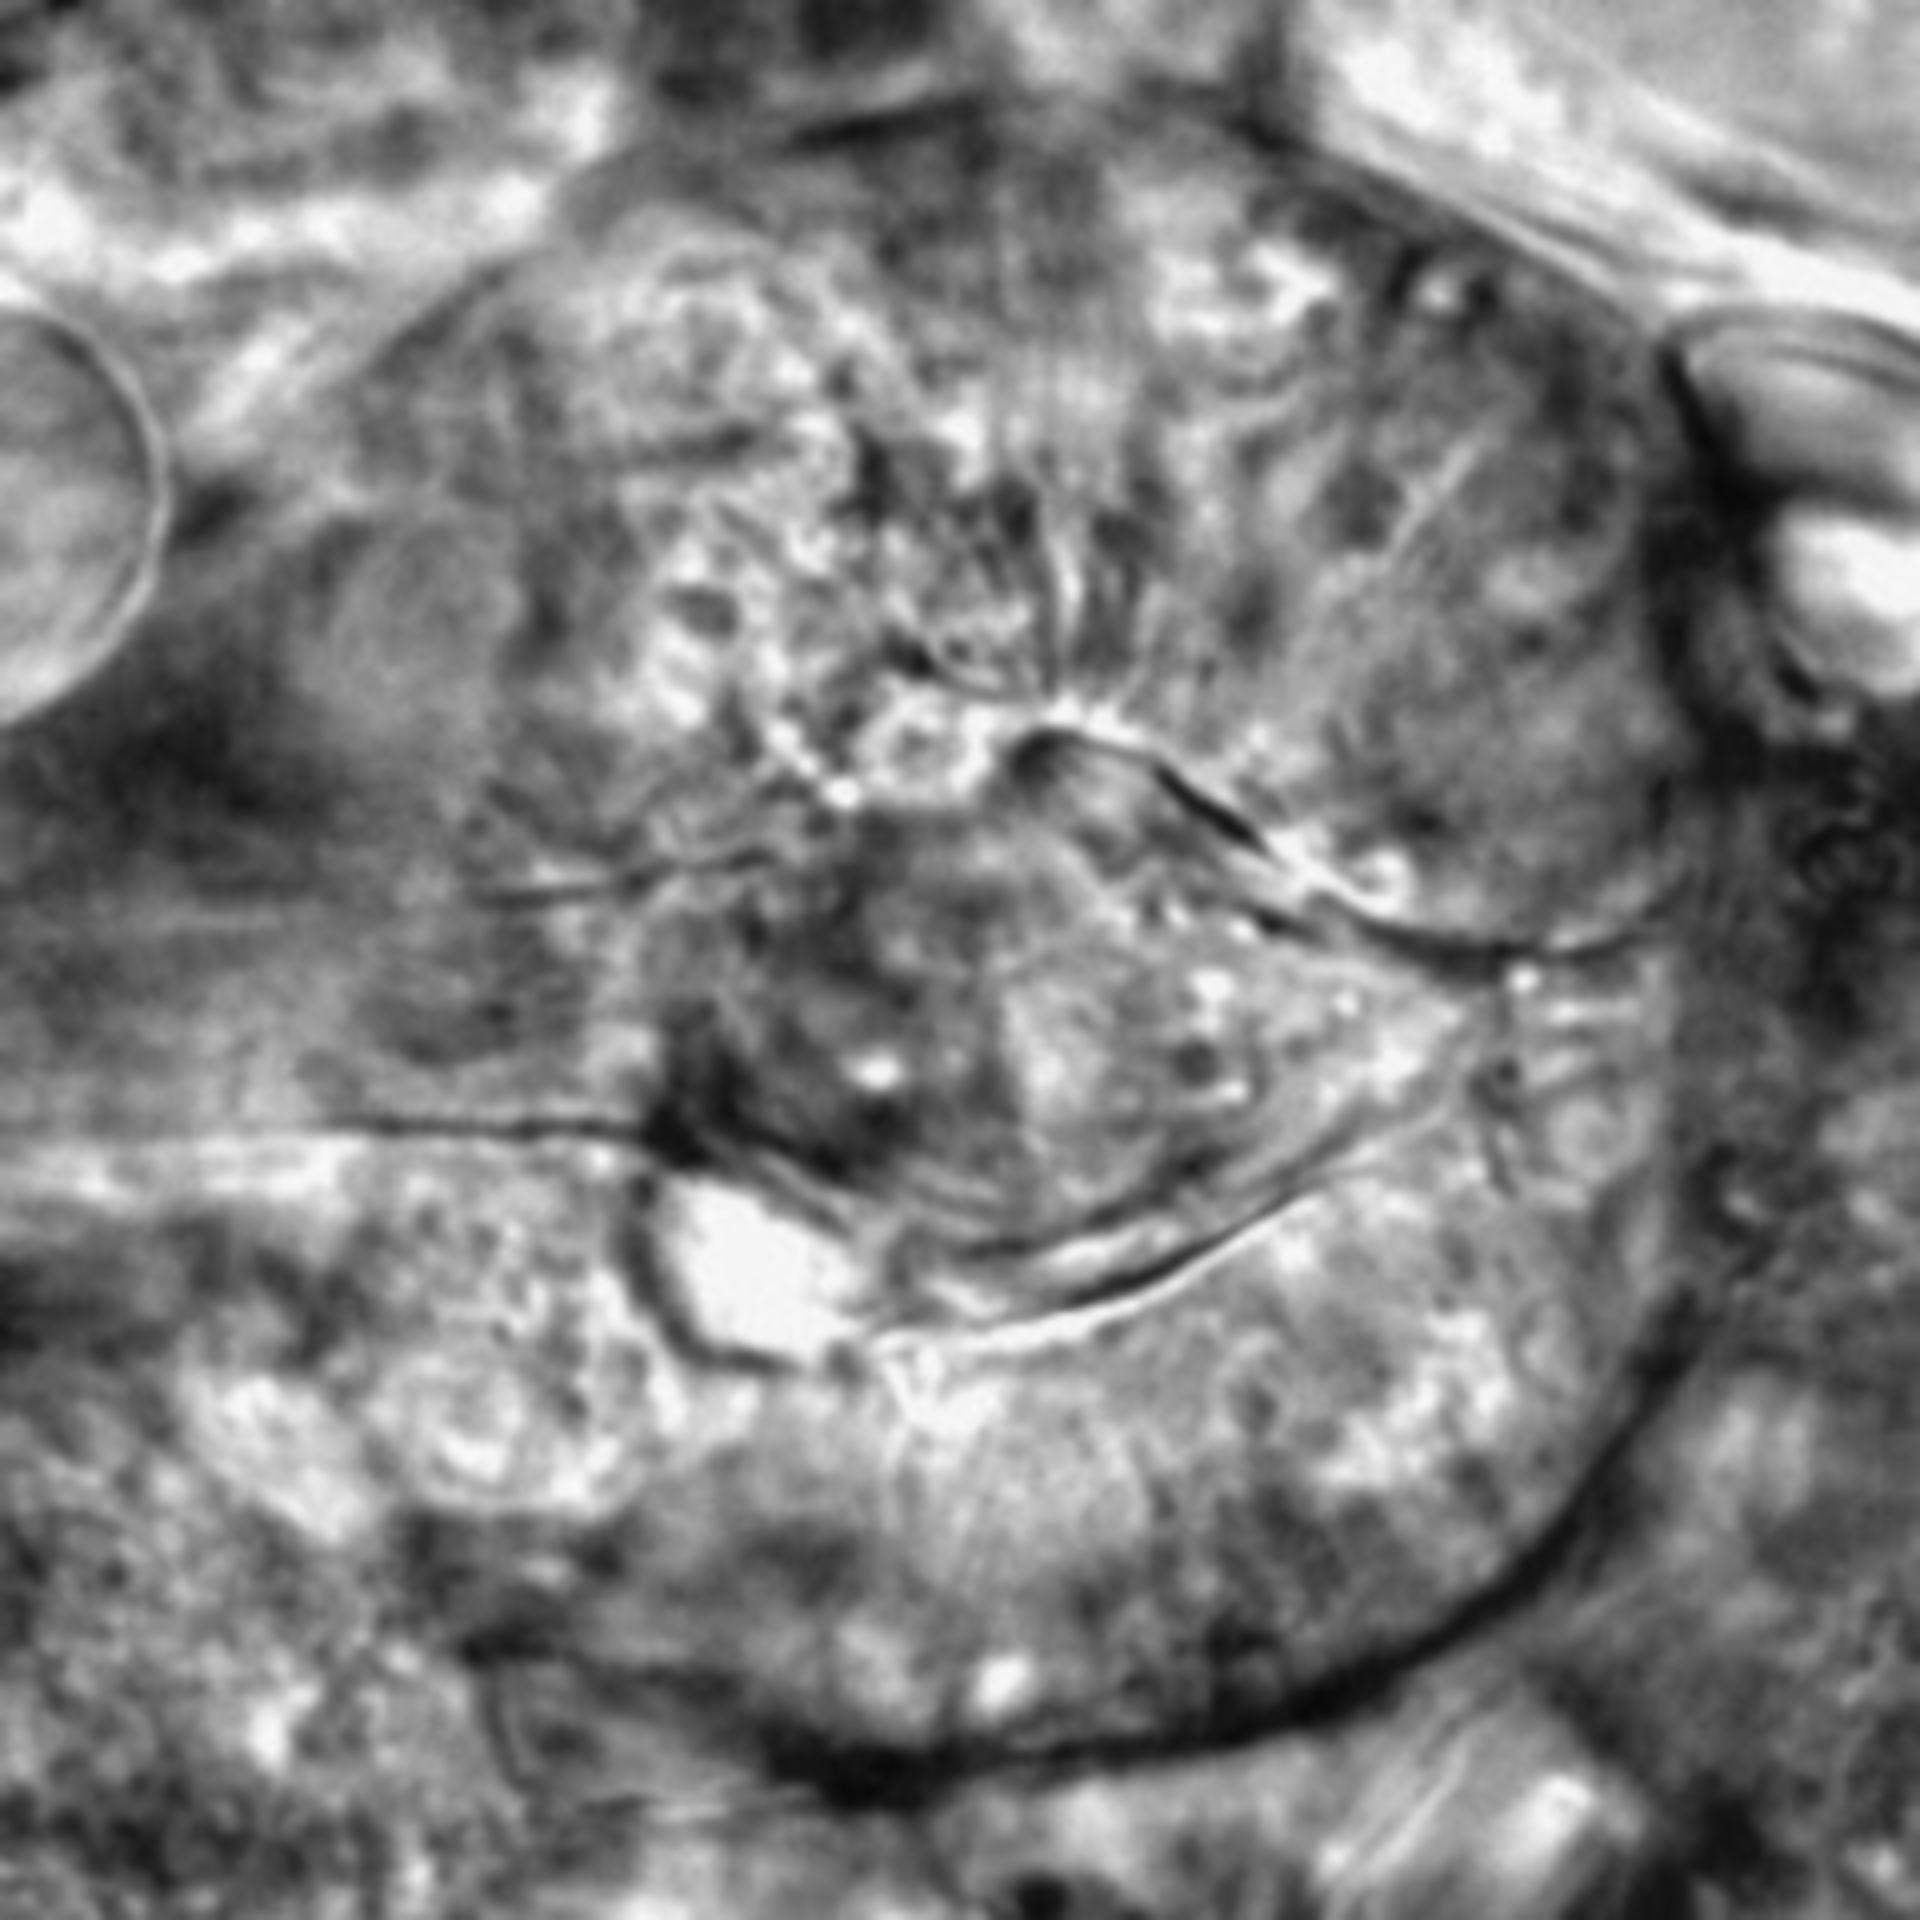 Caenorhabditis elegans - CIL:2613